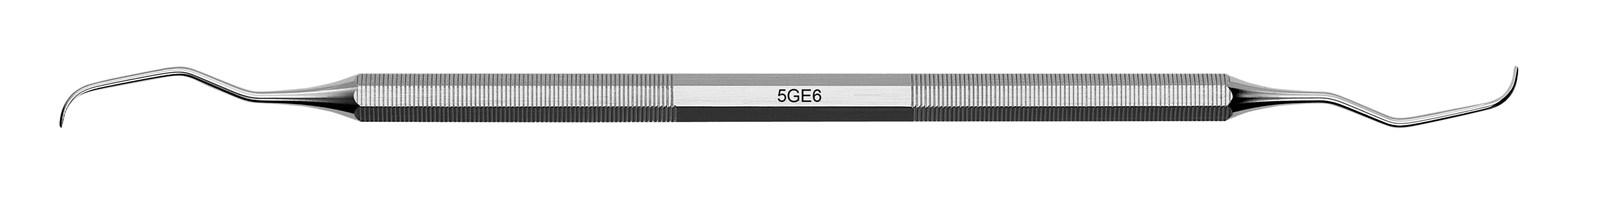 Kyreta Gracey Classic - 5GE6, ADEP silikonový návlek světle zelený